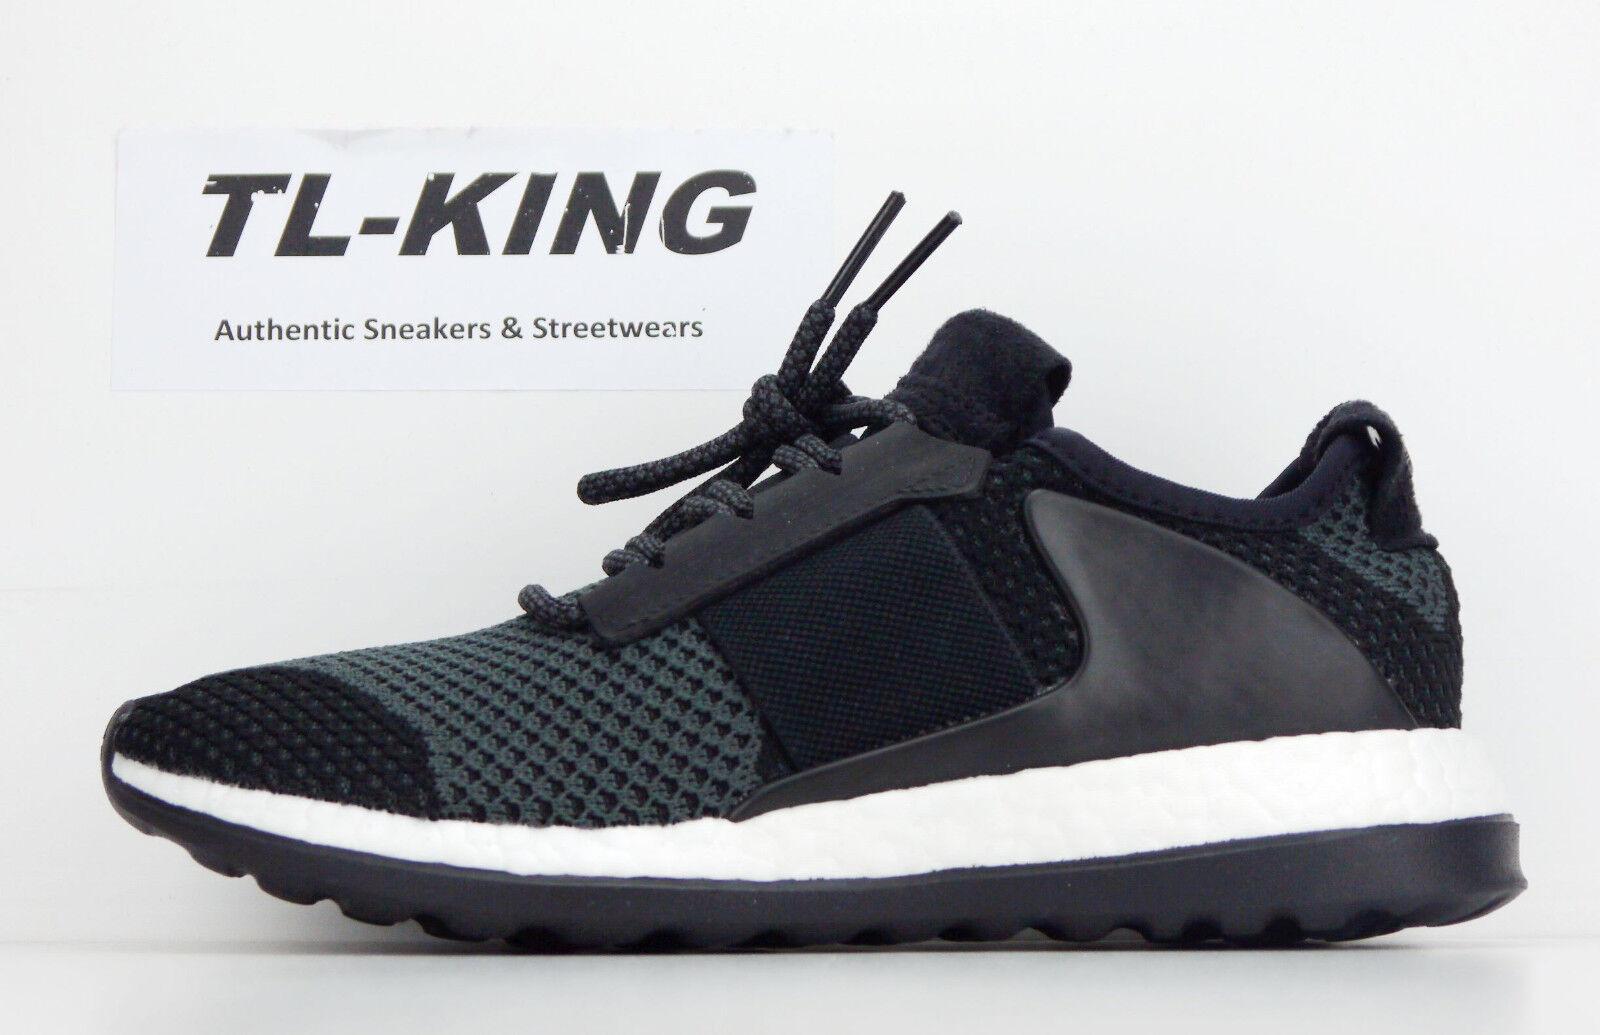 Adidas eine pk reine förderung zg primeknit pk eine kurzerhand schwarz grau - weiß s81826 sz - 14 ps 856fa4